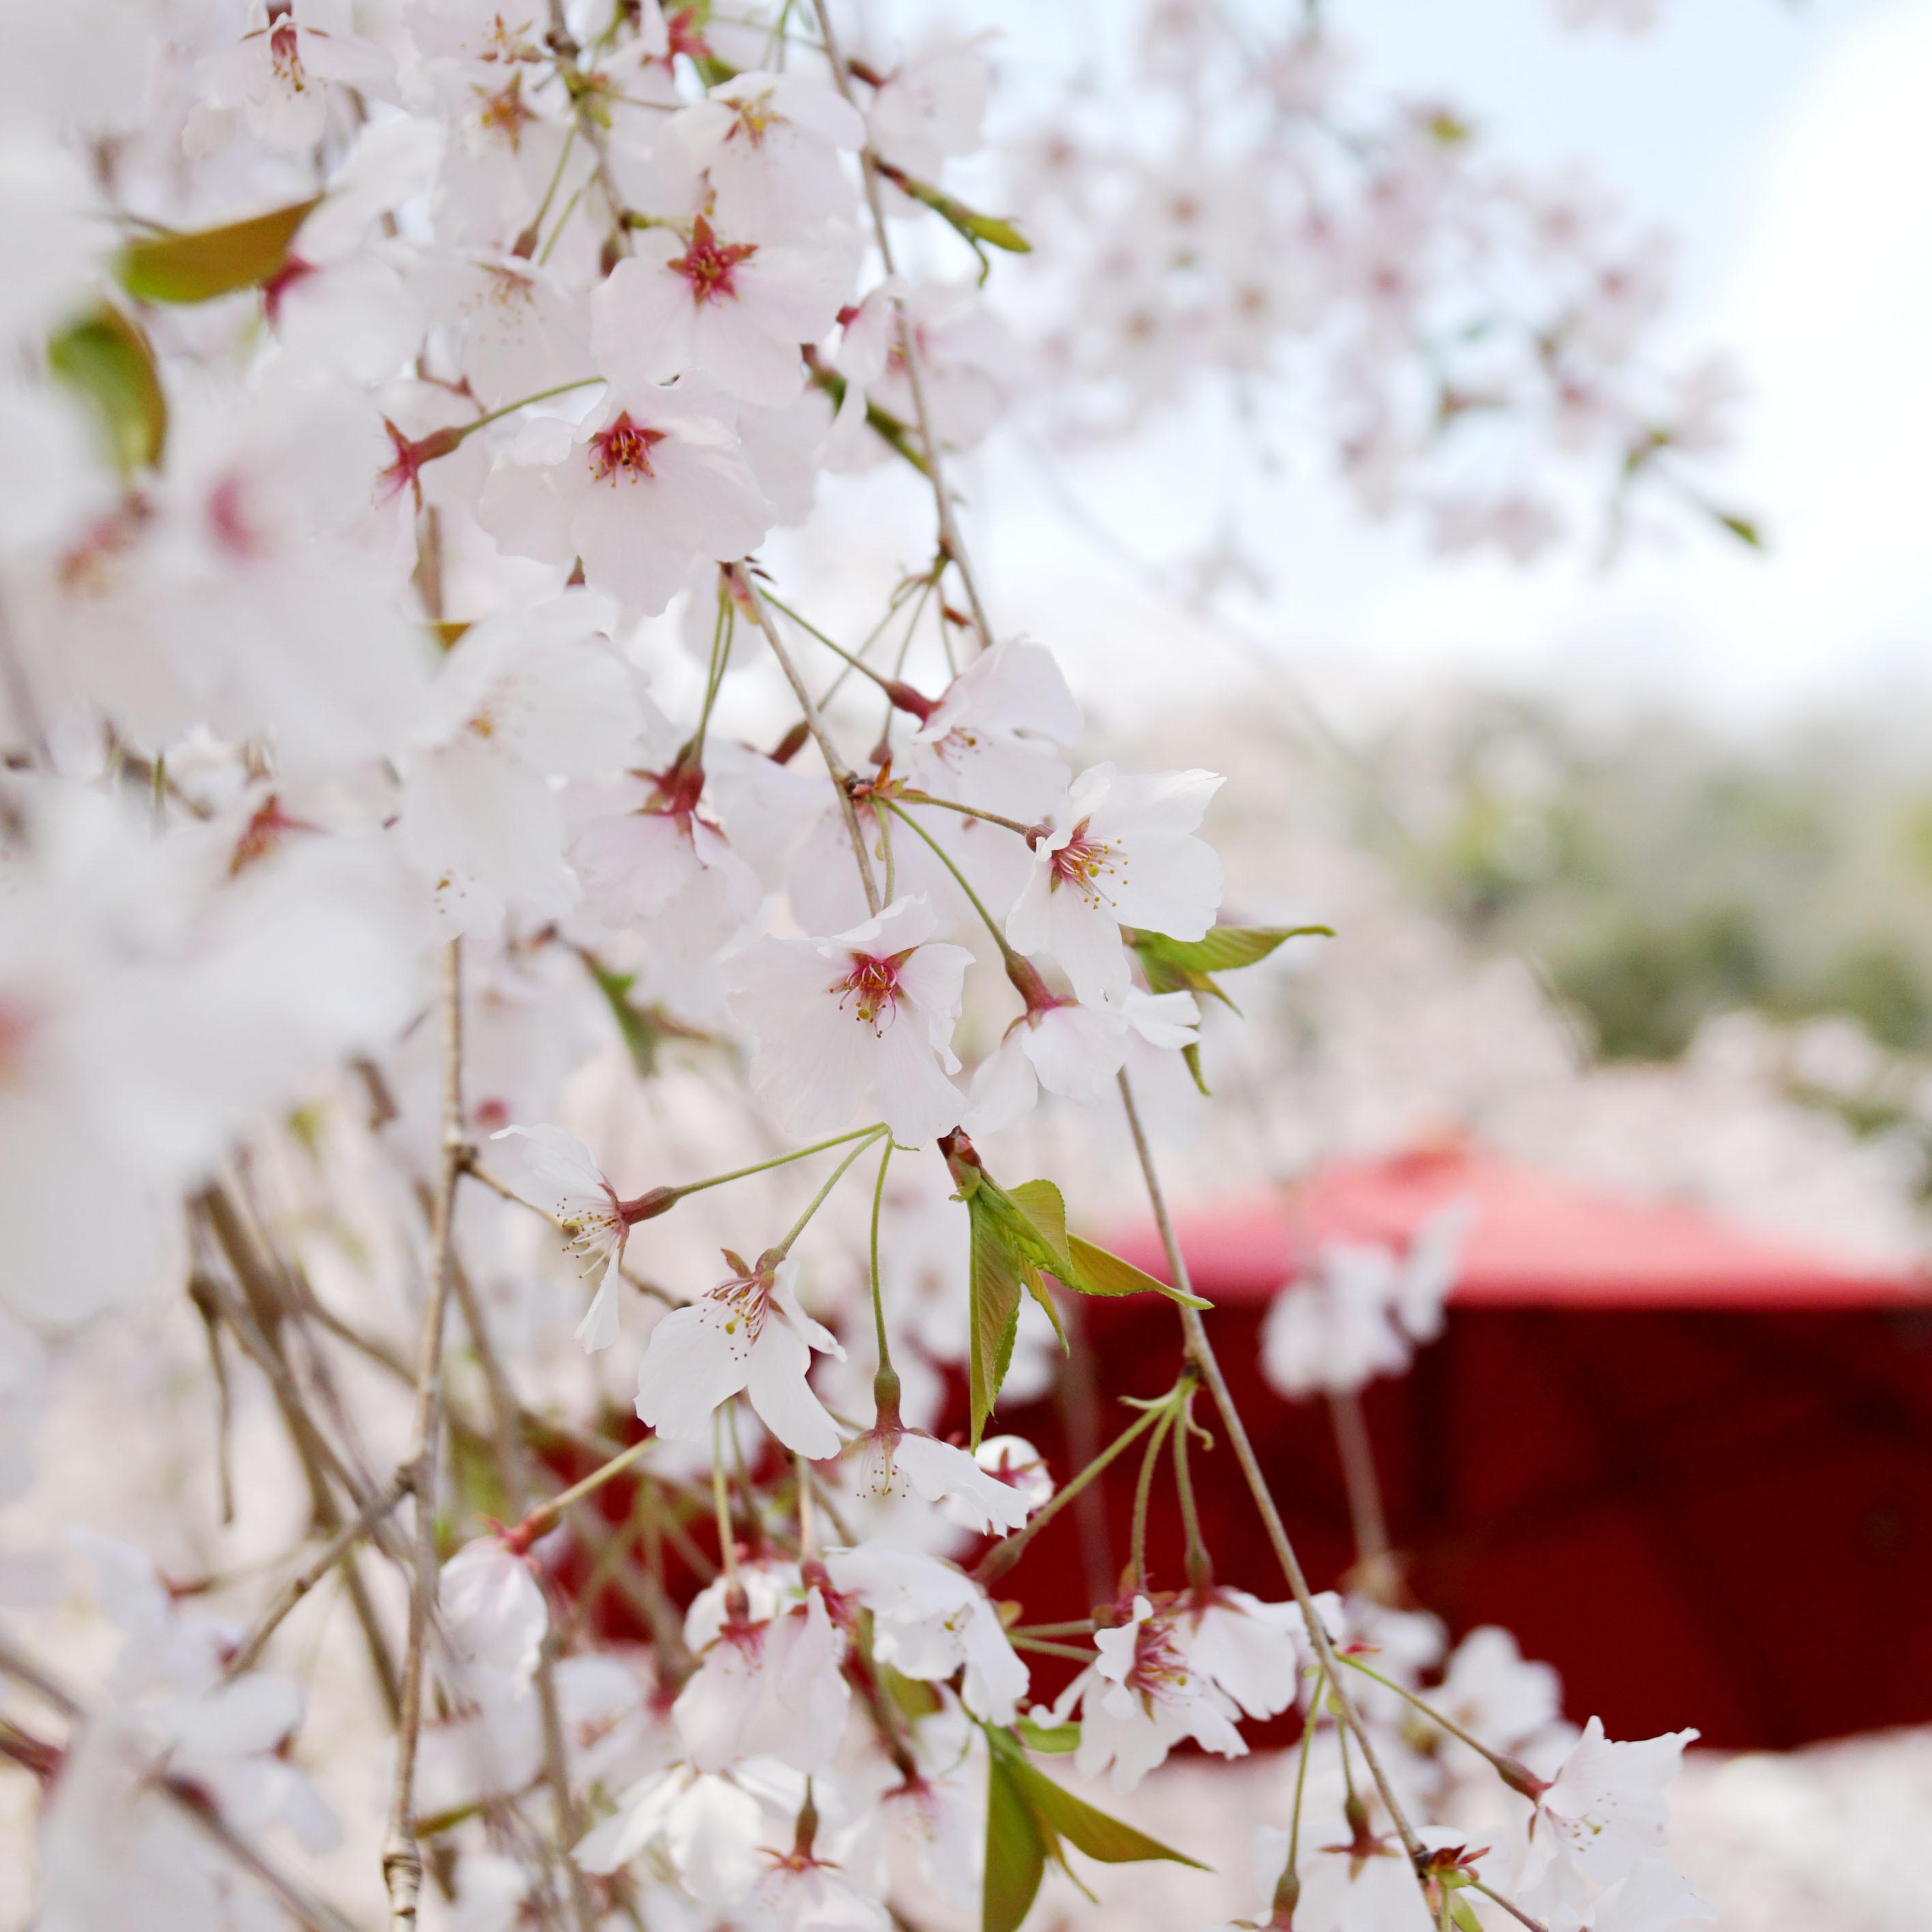 桜のカーテンに癒やされる  PHOTO:みっちーさん